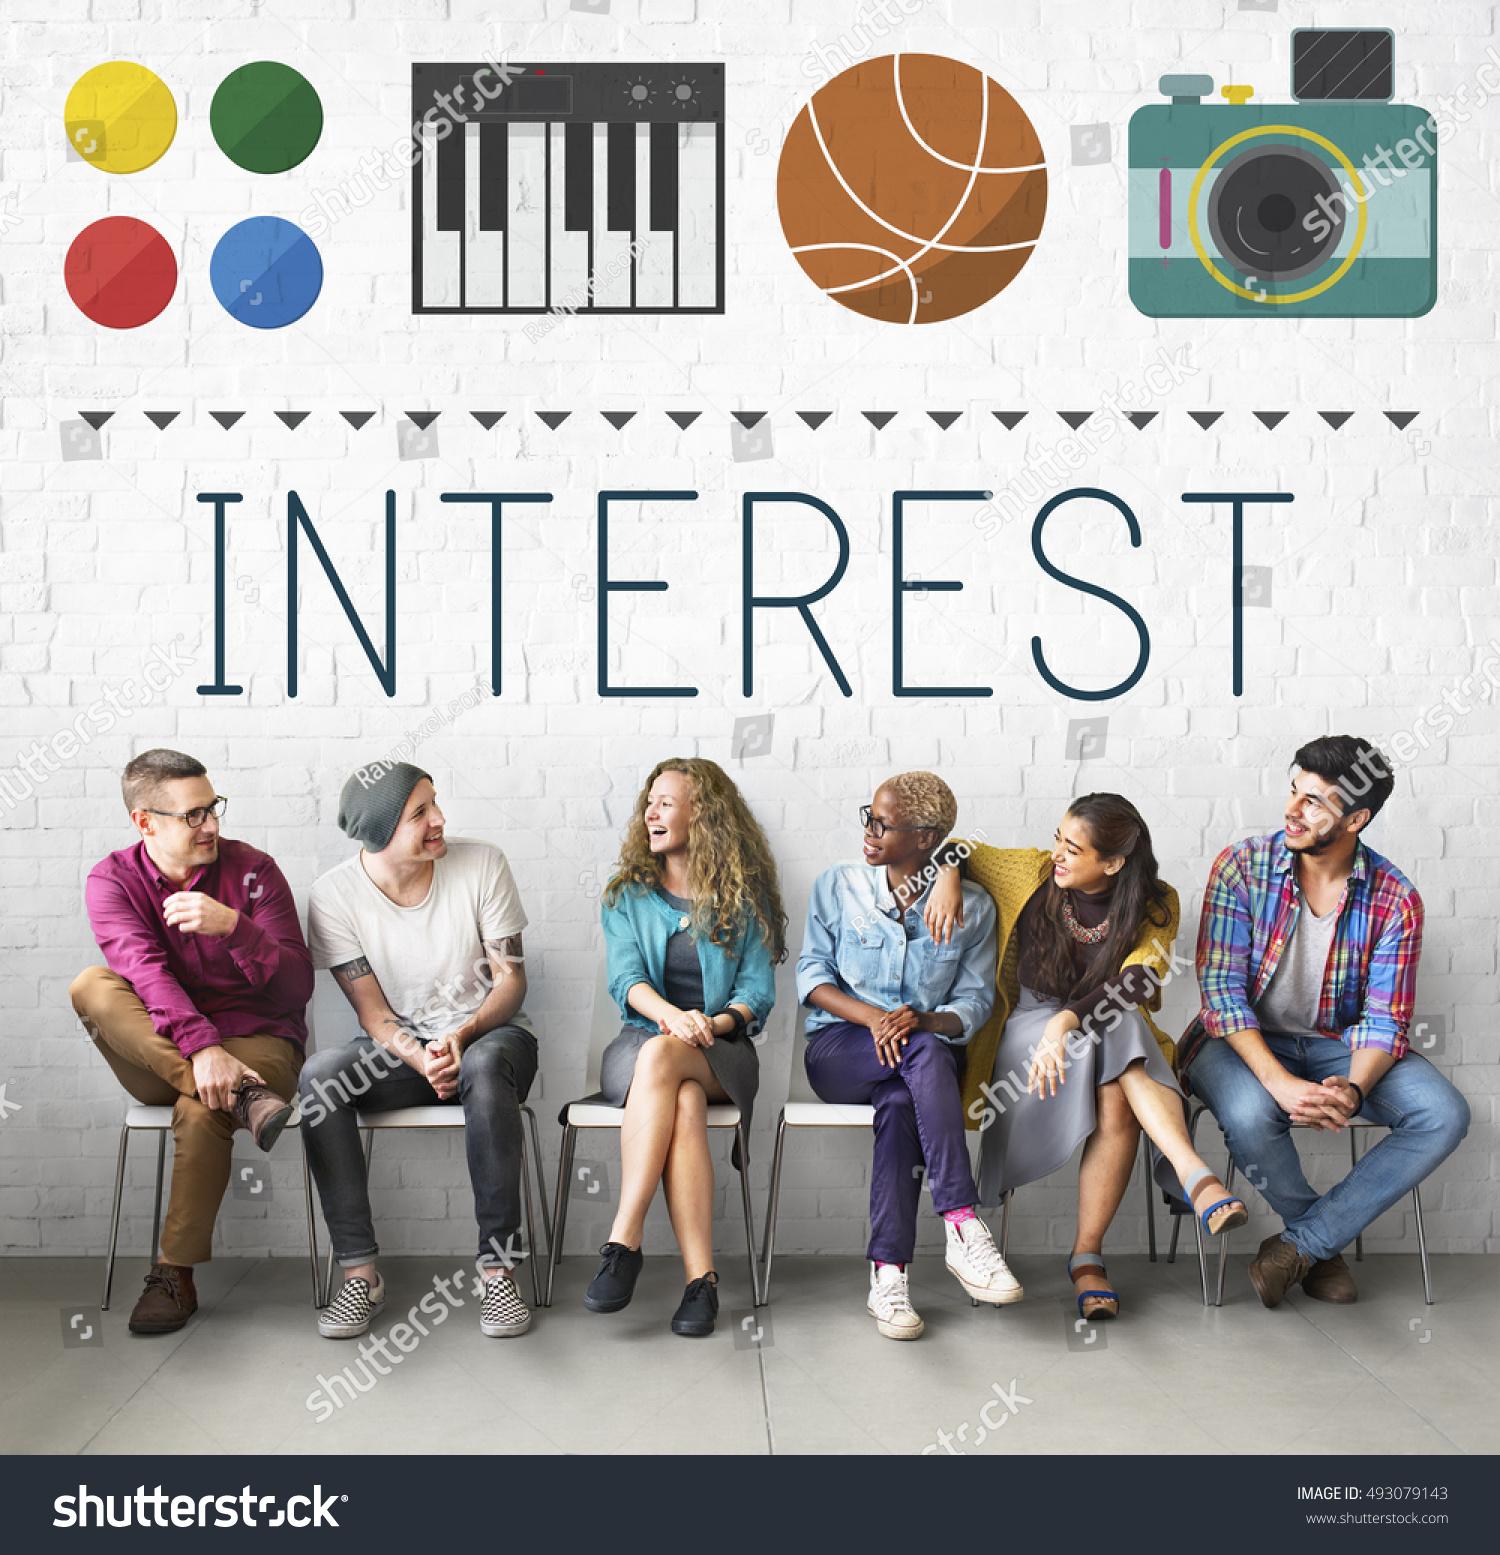 interest hobbies leisure activity pleasure pursuit stock photo interest hobbies leisure activity pleasure pursuit concept